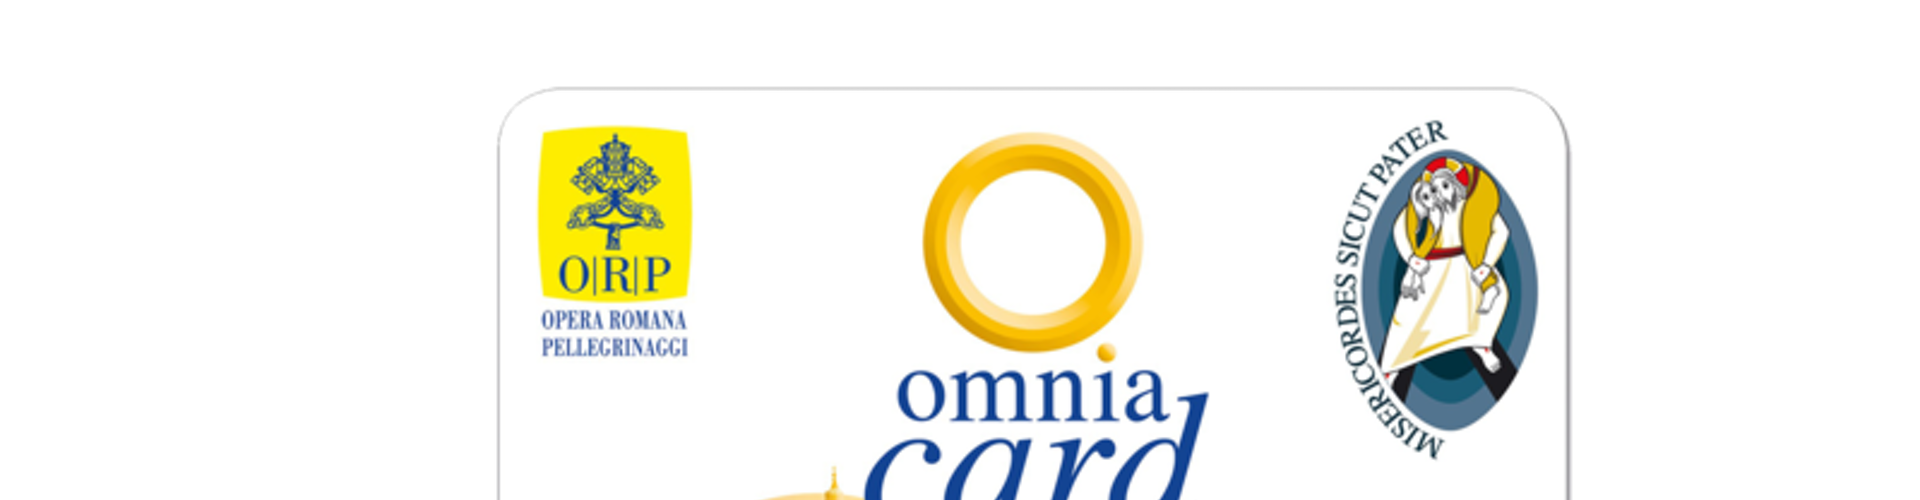 Omnia Card logo